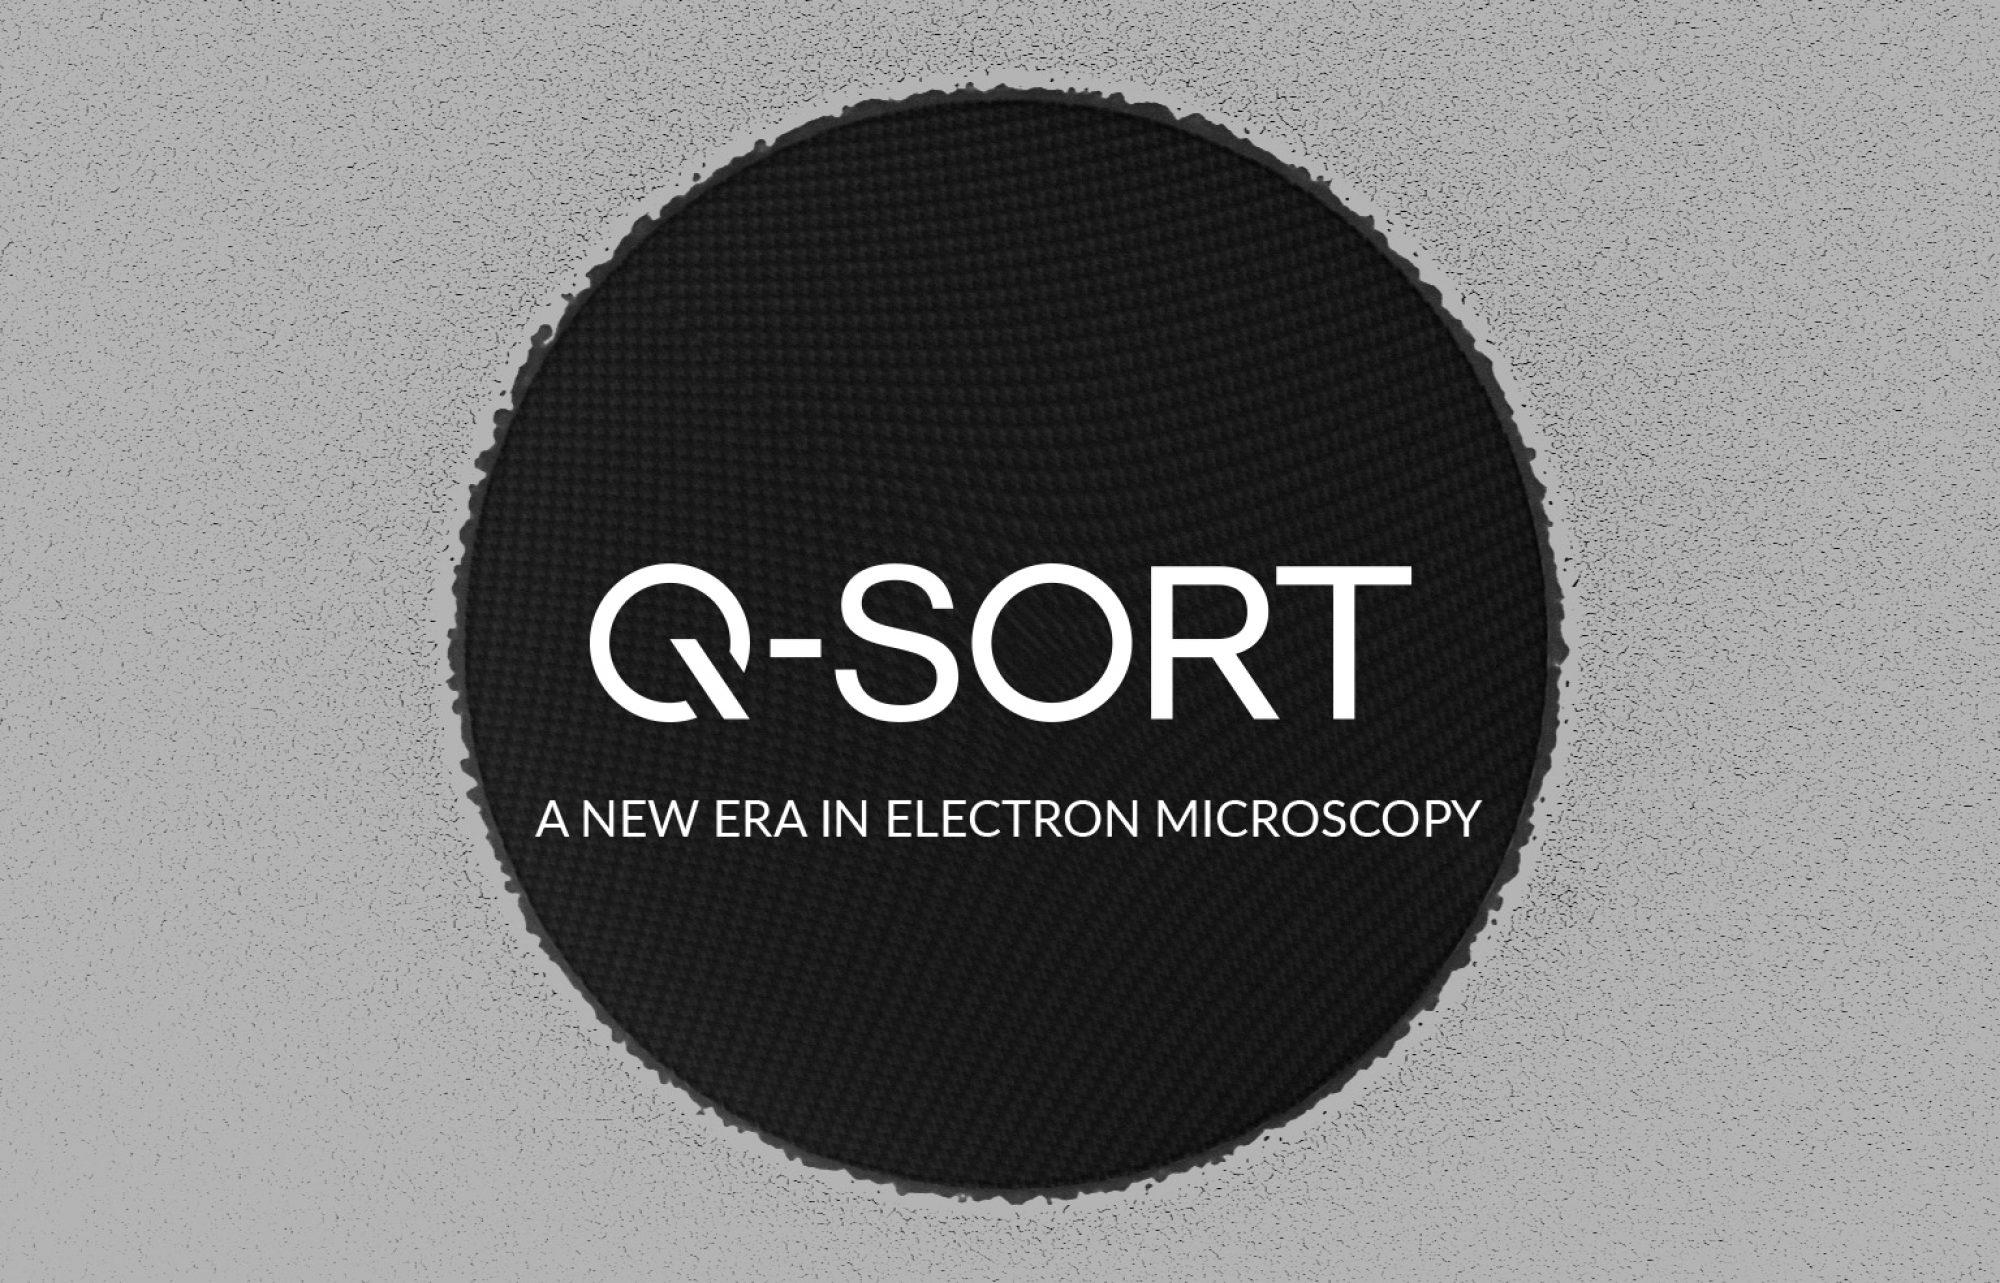 Q-SORT